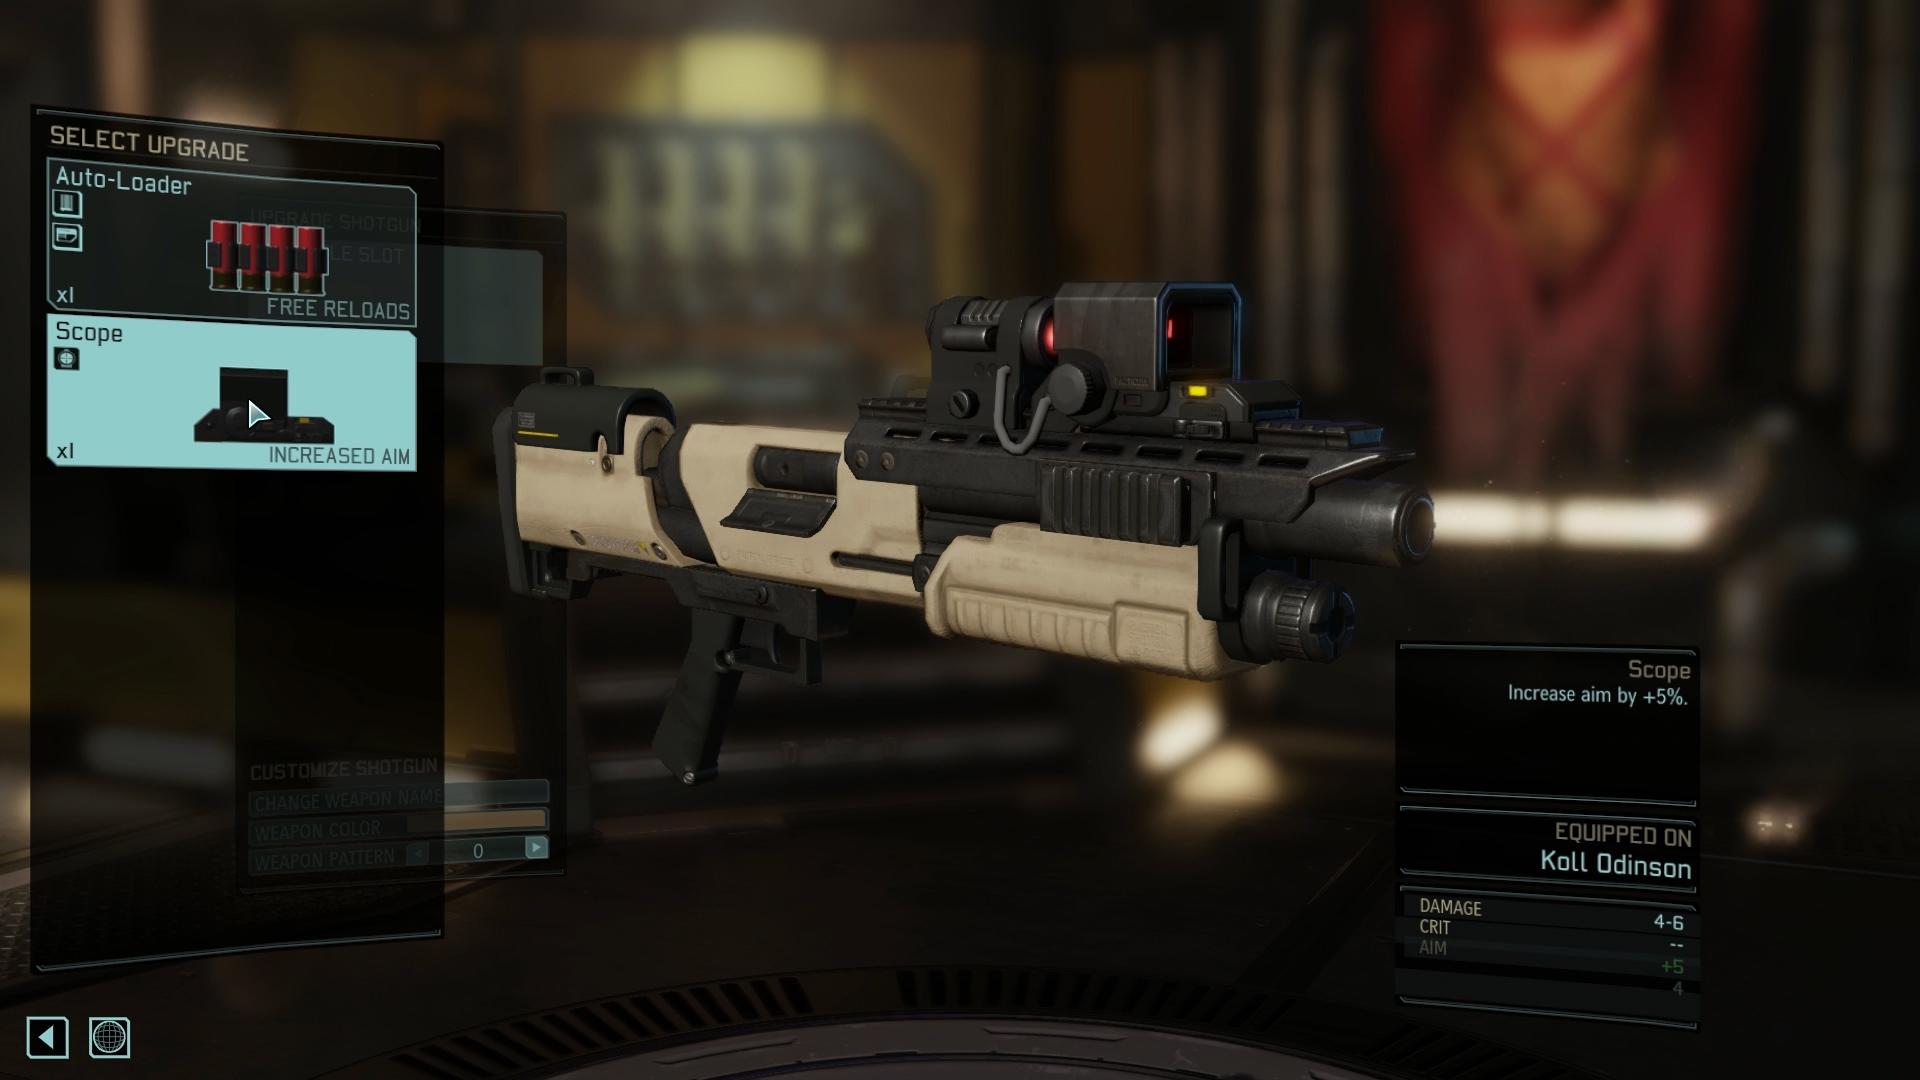 New XCOM 2 Gamescom Screenshots Show Off the Base